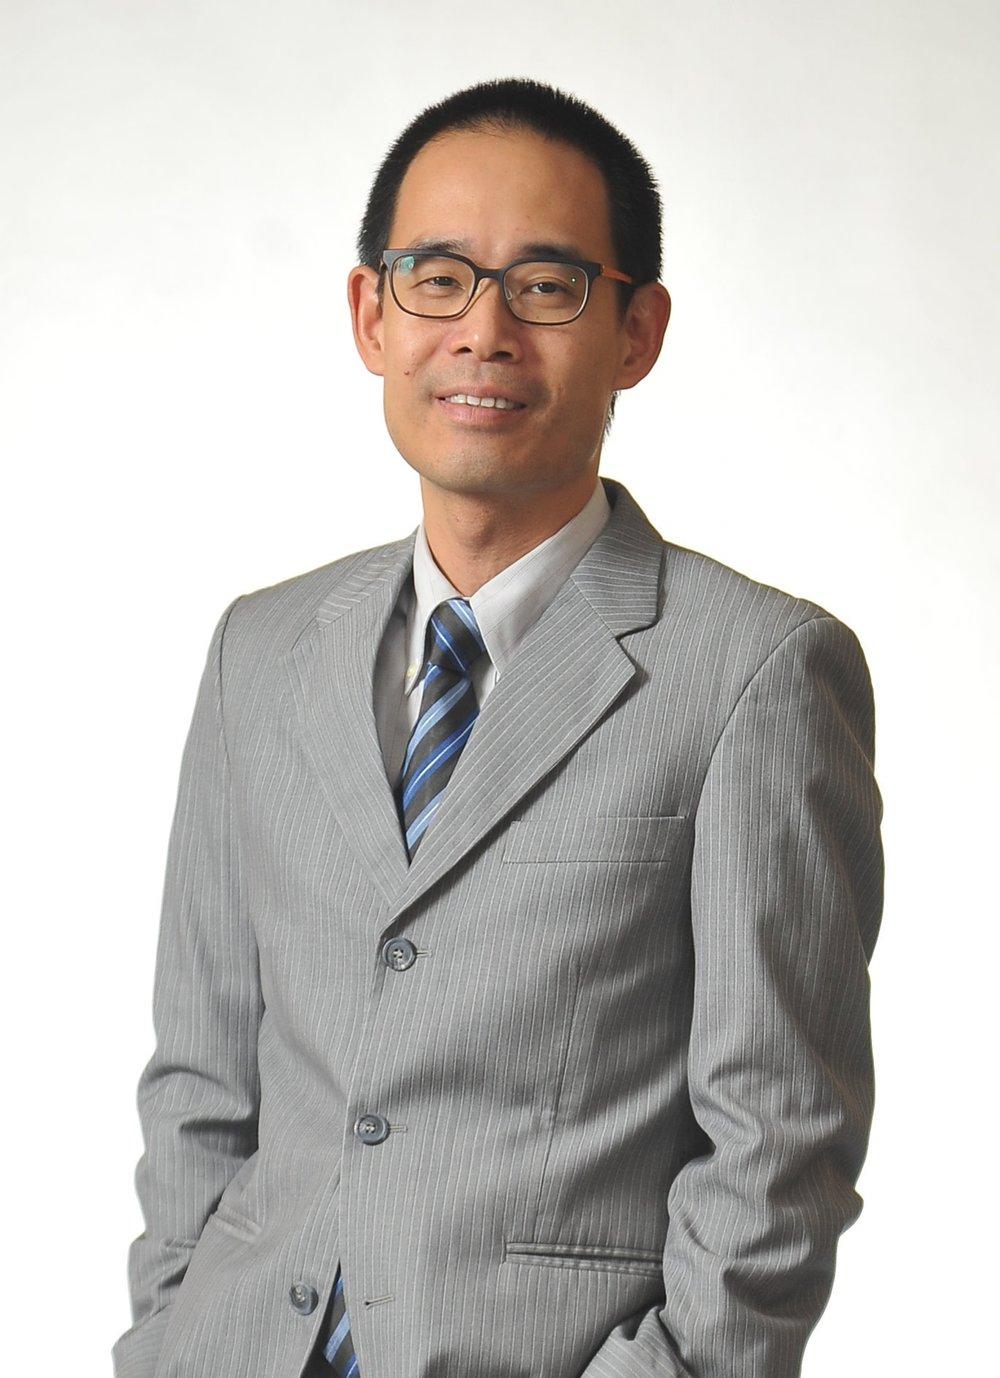 Patrick Lo